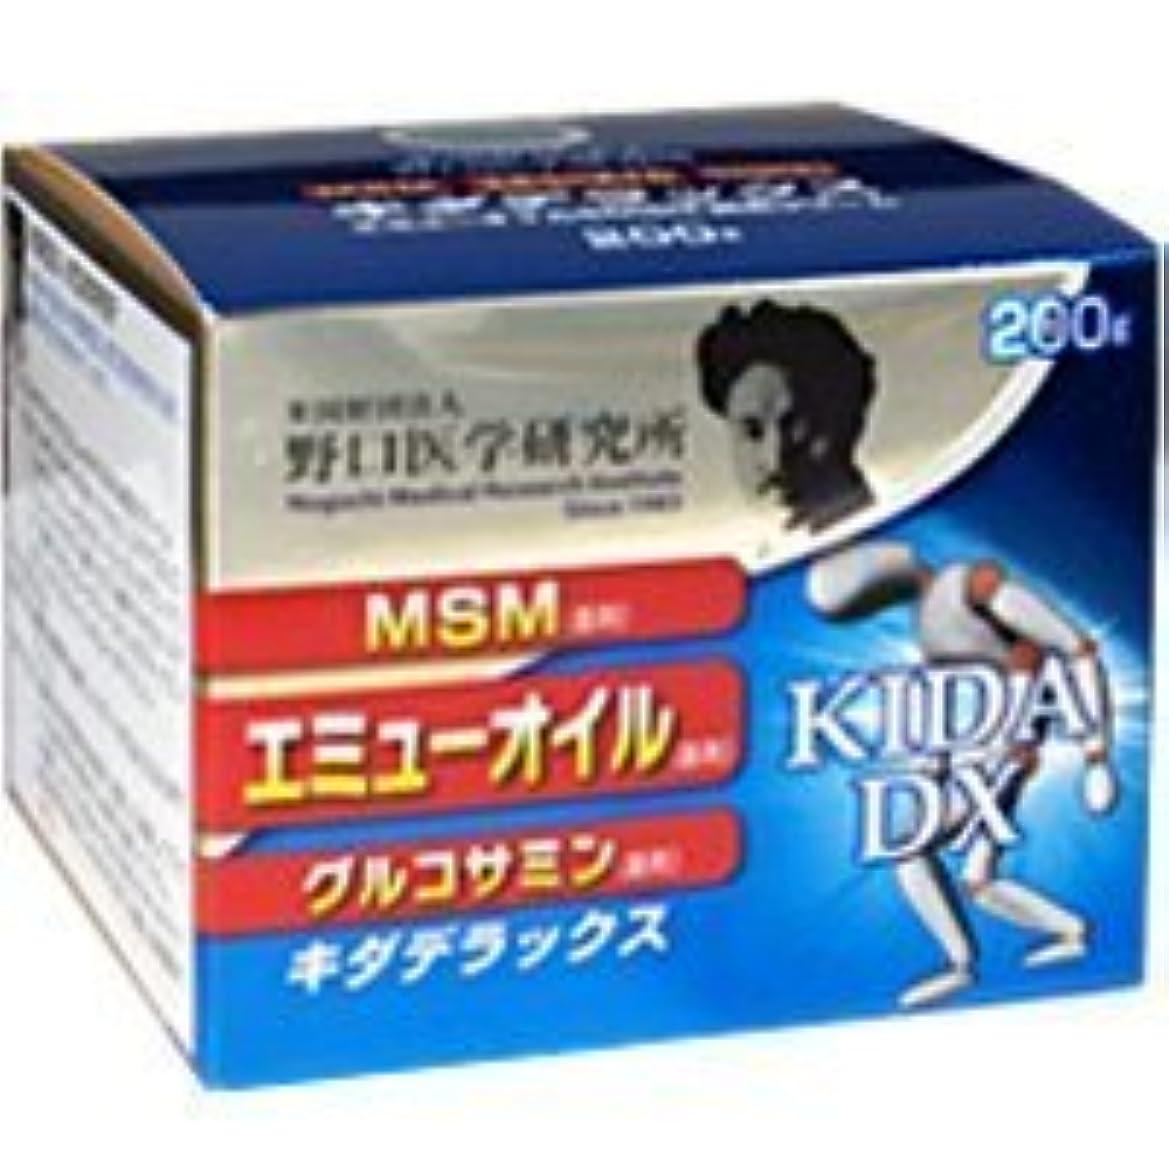 カタログ馬力社員野口医学研究所 キダデラックス 200g×1個